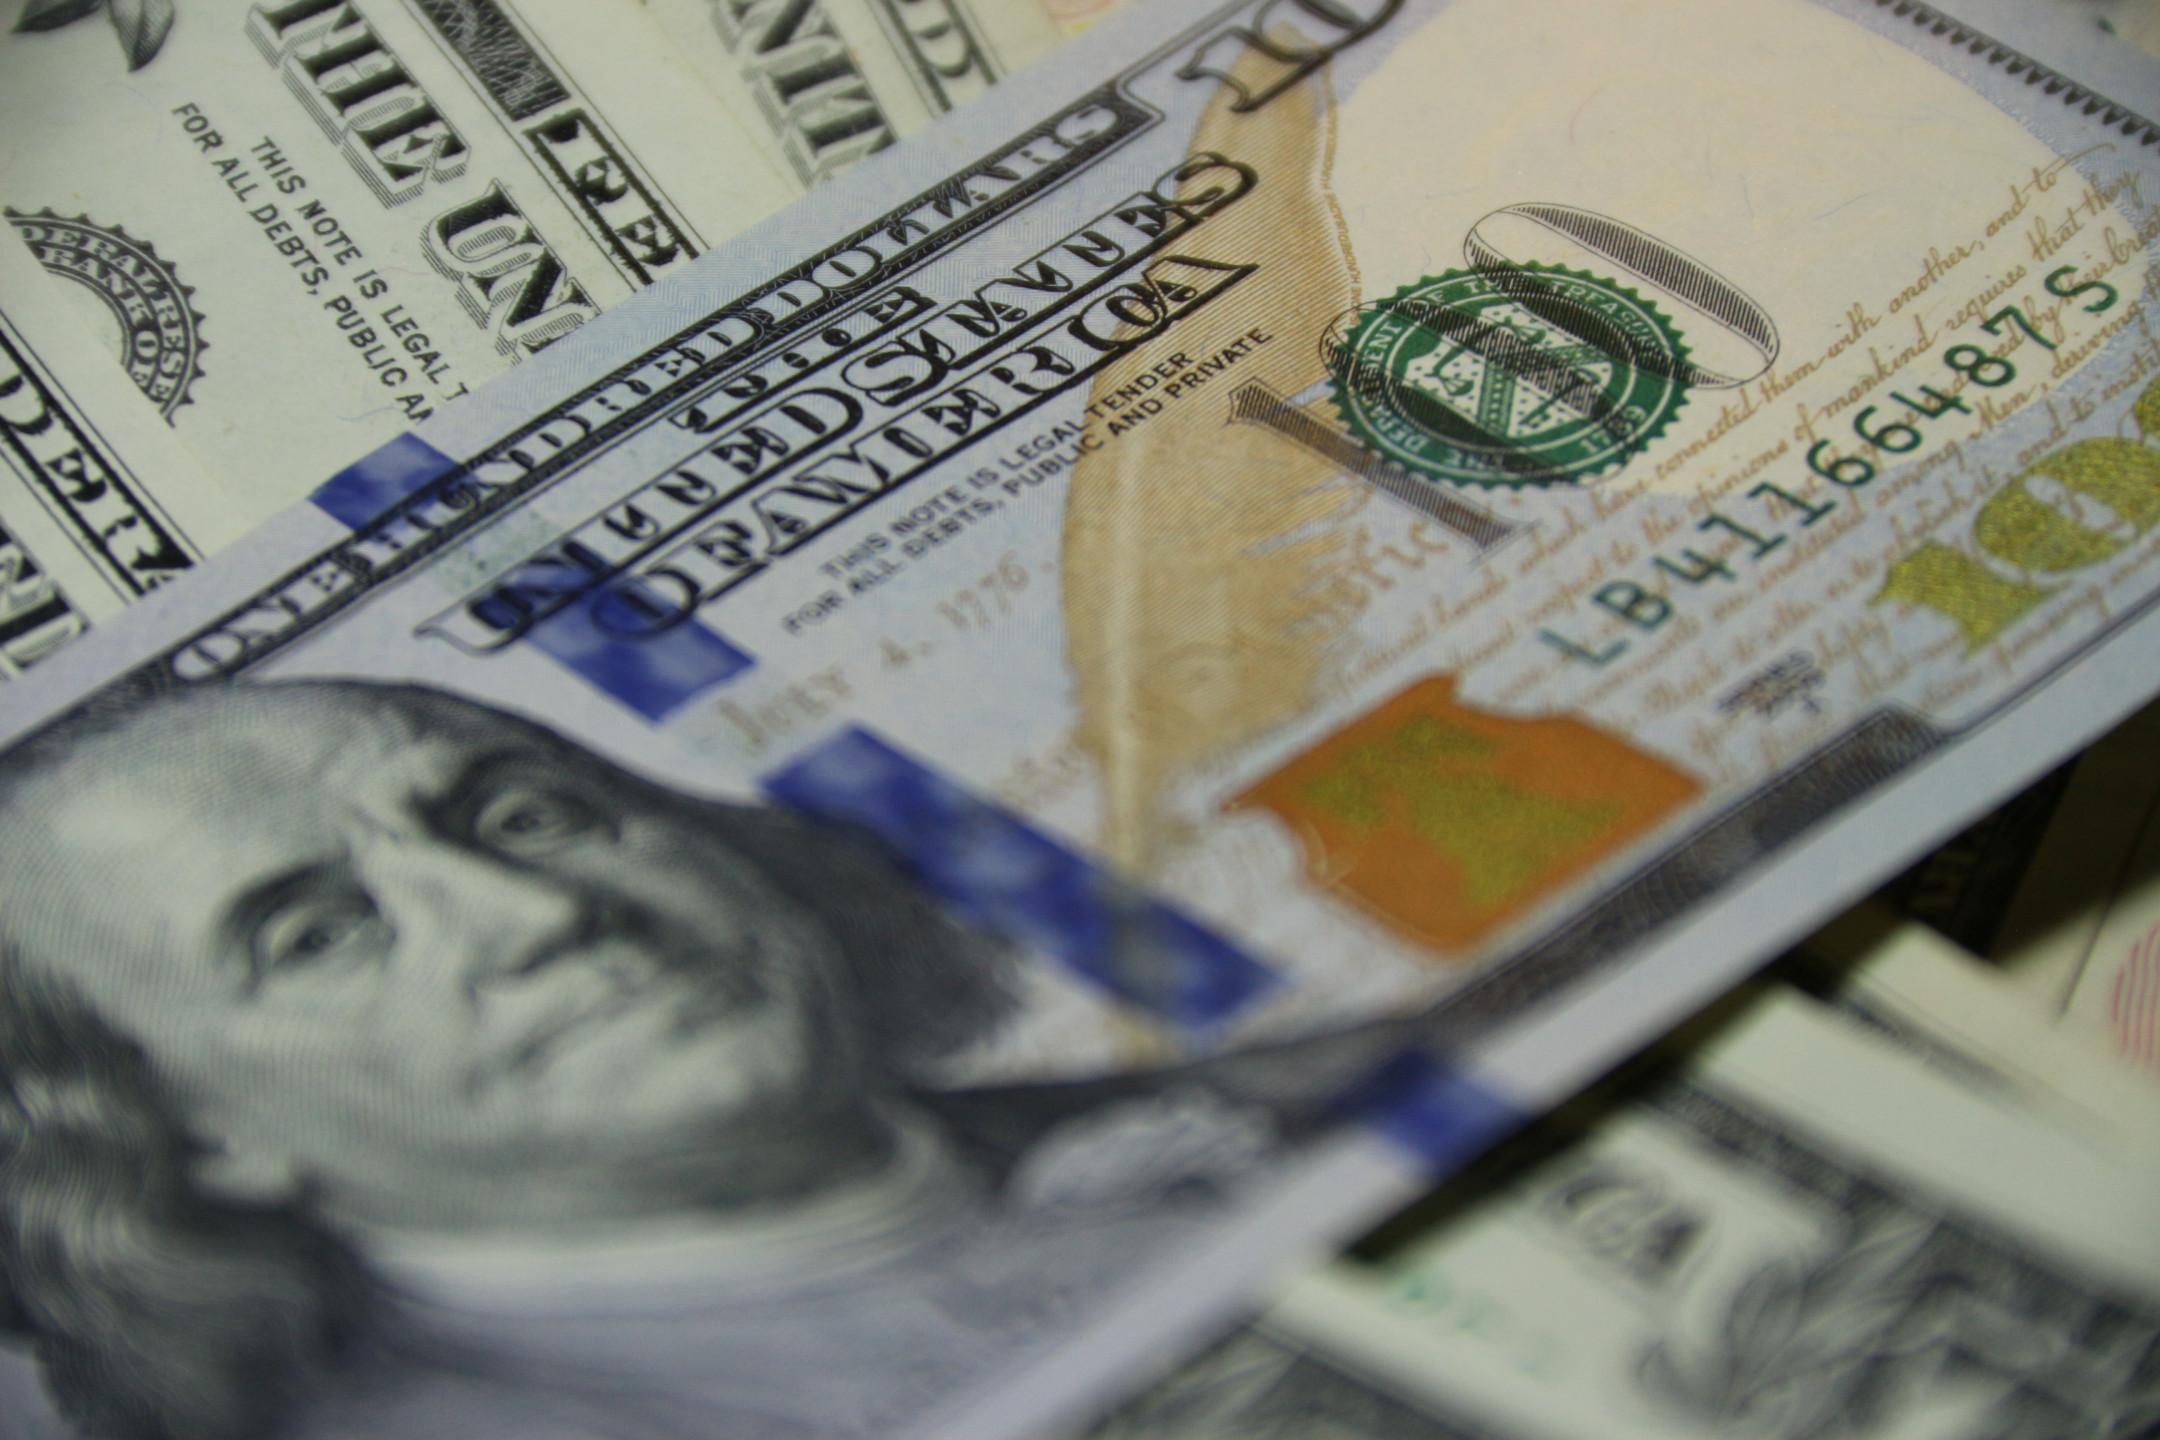 EURUSD analysis: Dollar falls on weaker US manufacturing data